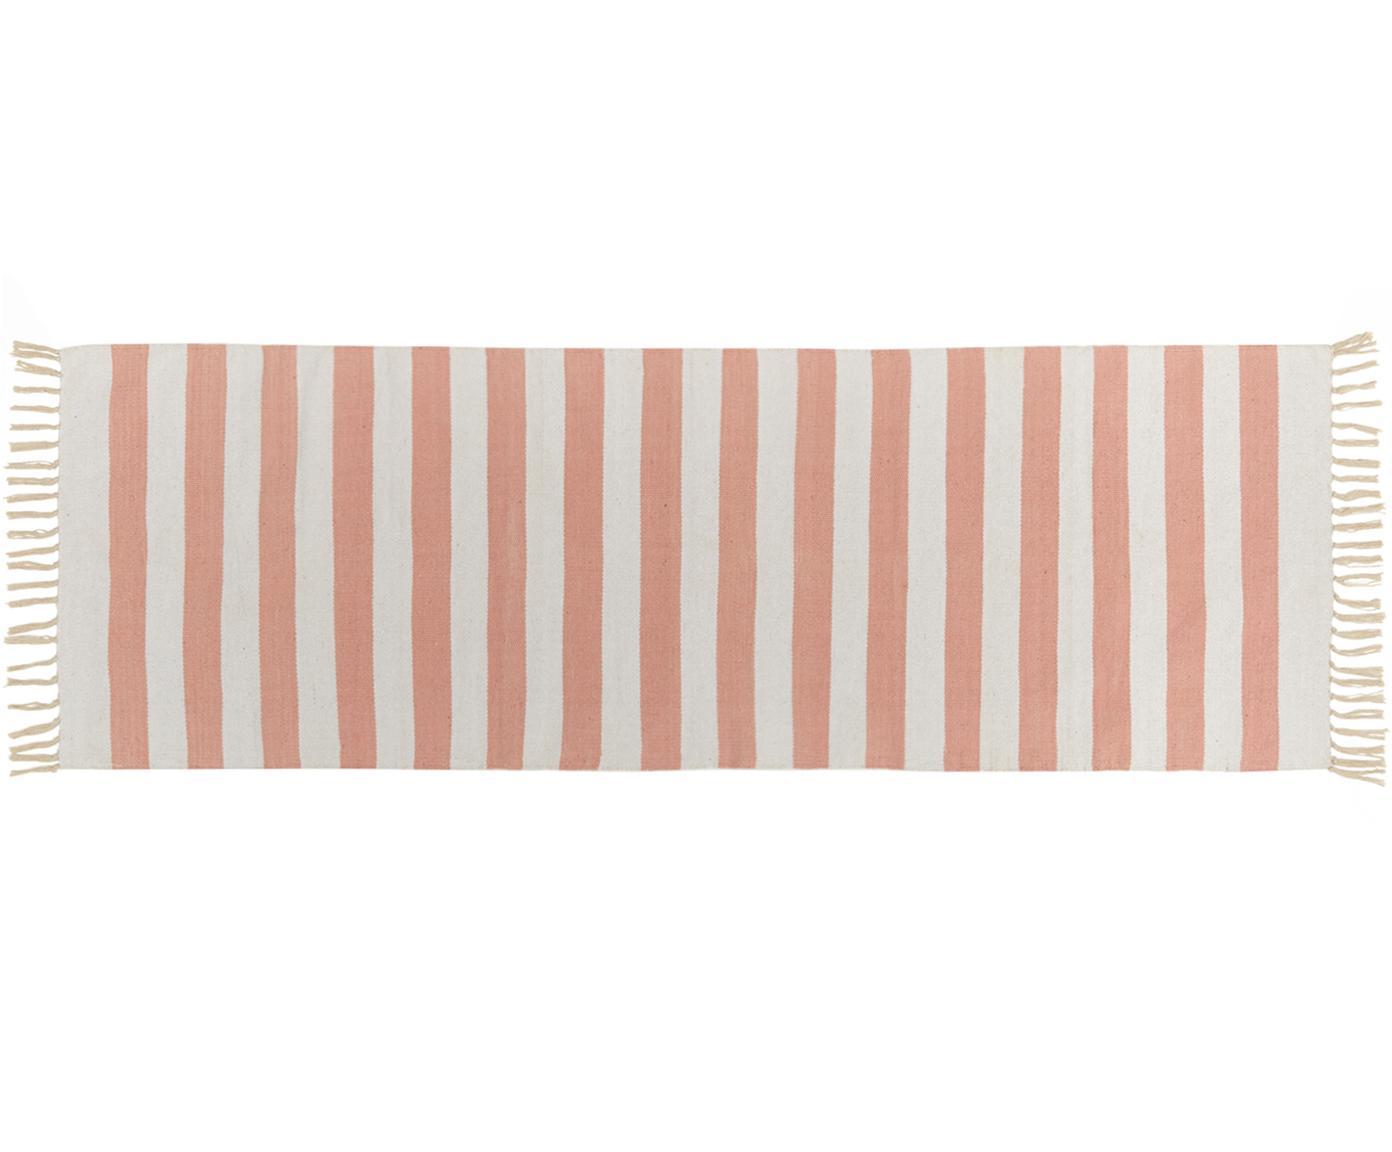 Alfombra de algodón Malte, Rojo coral, blanco, An 70 x L 200 cm